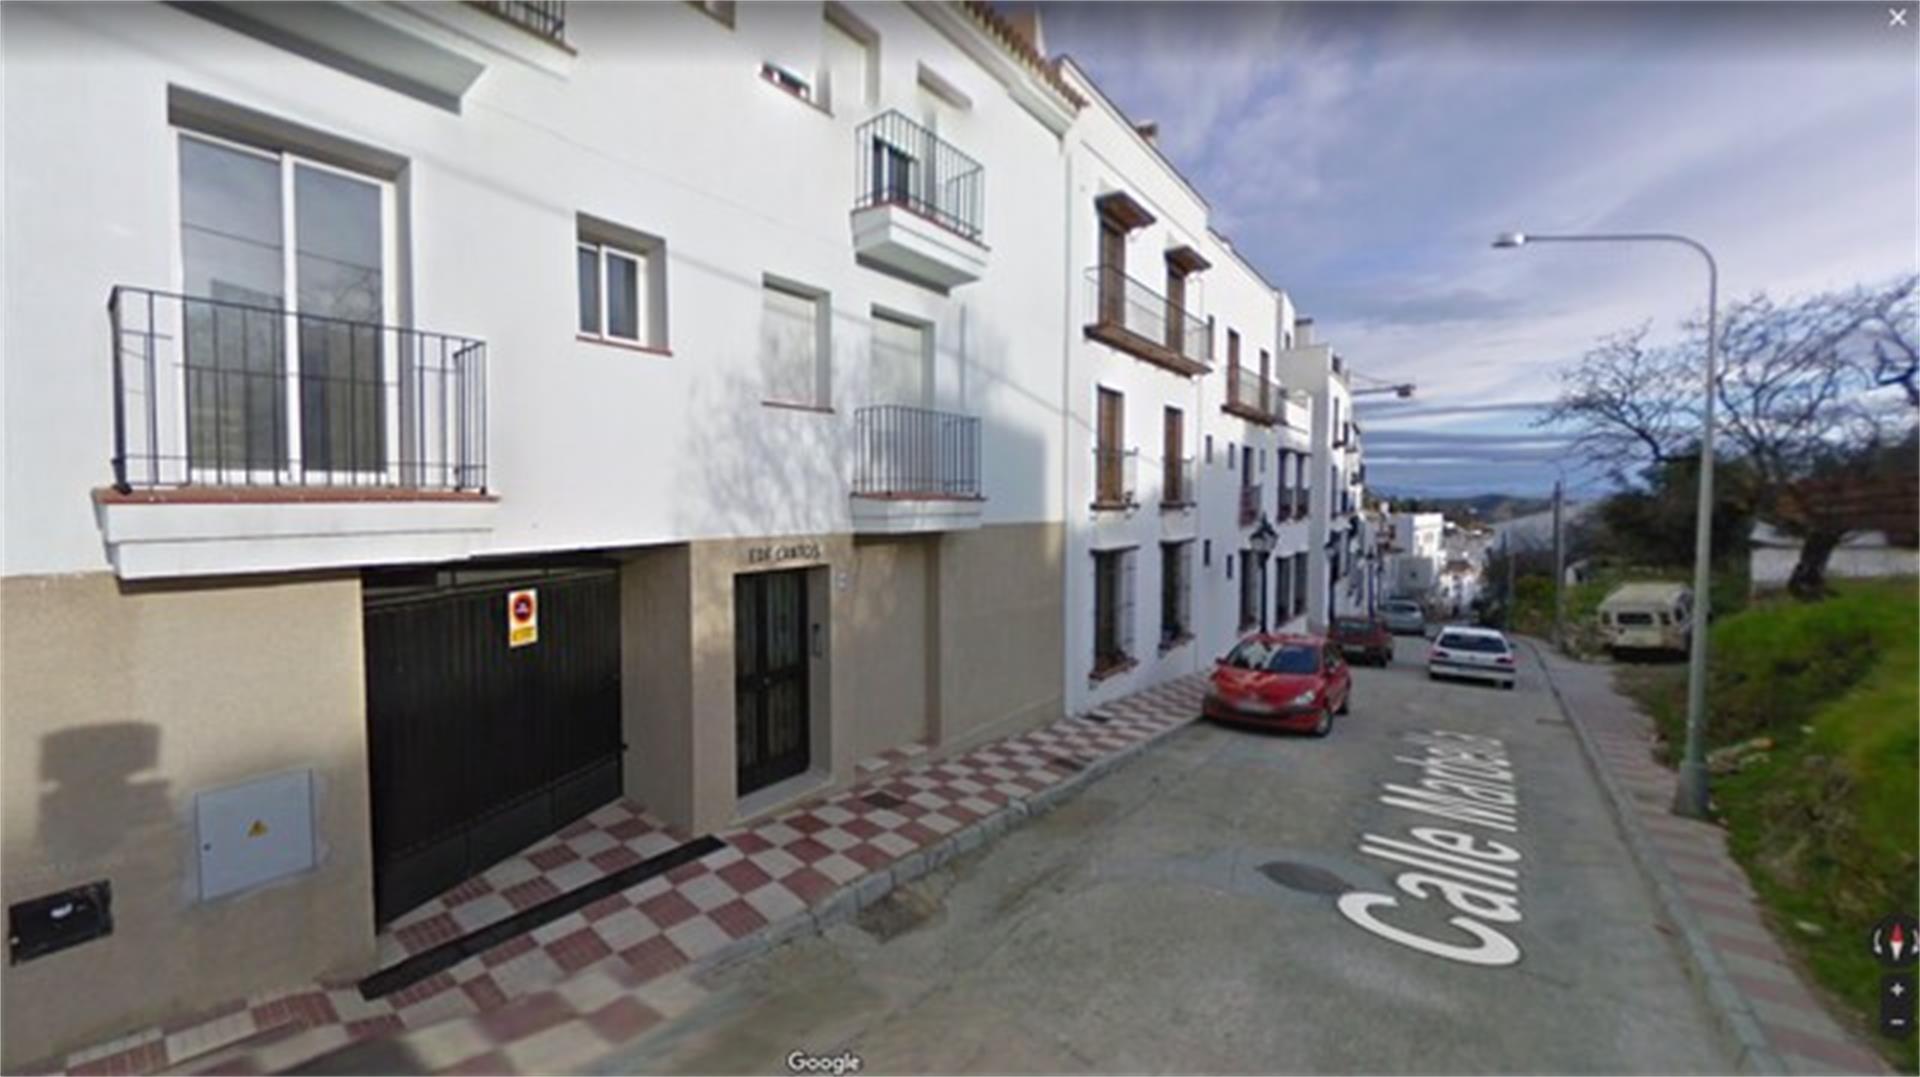 Garaje de alquiler en Plaza Calle Marbella, 90 Monda (Monda, Málaga)